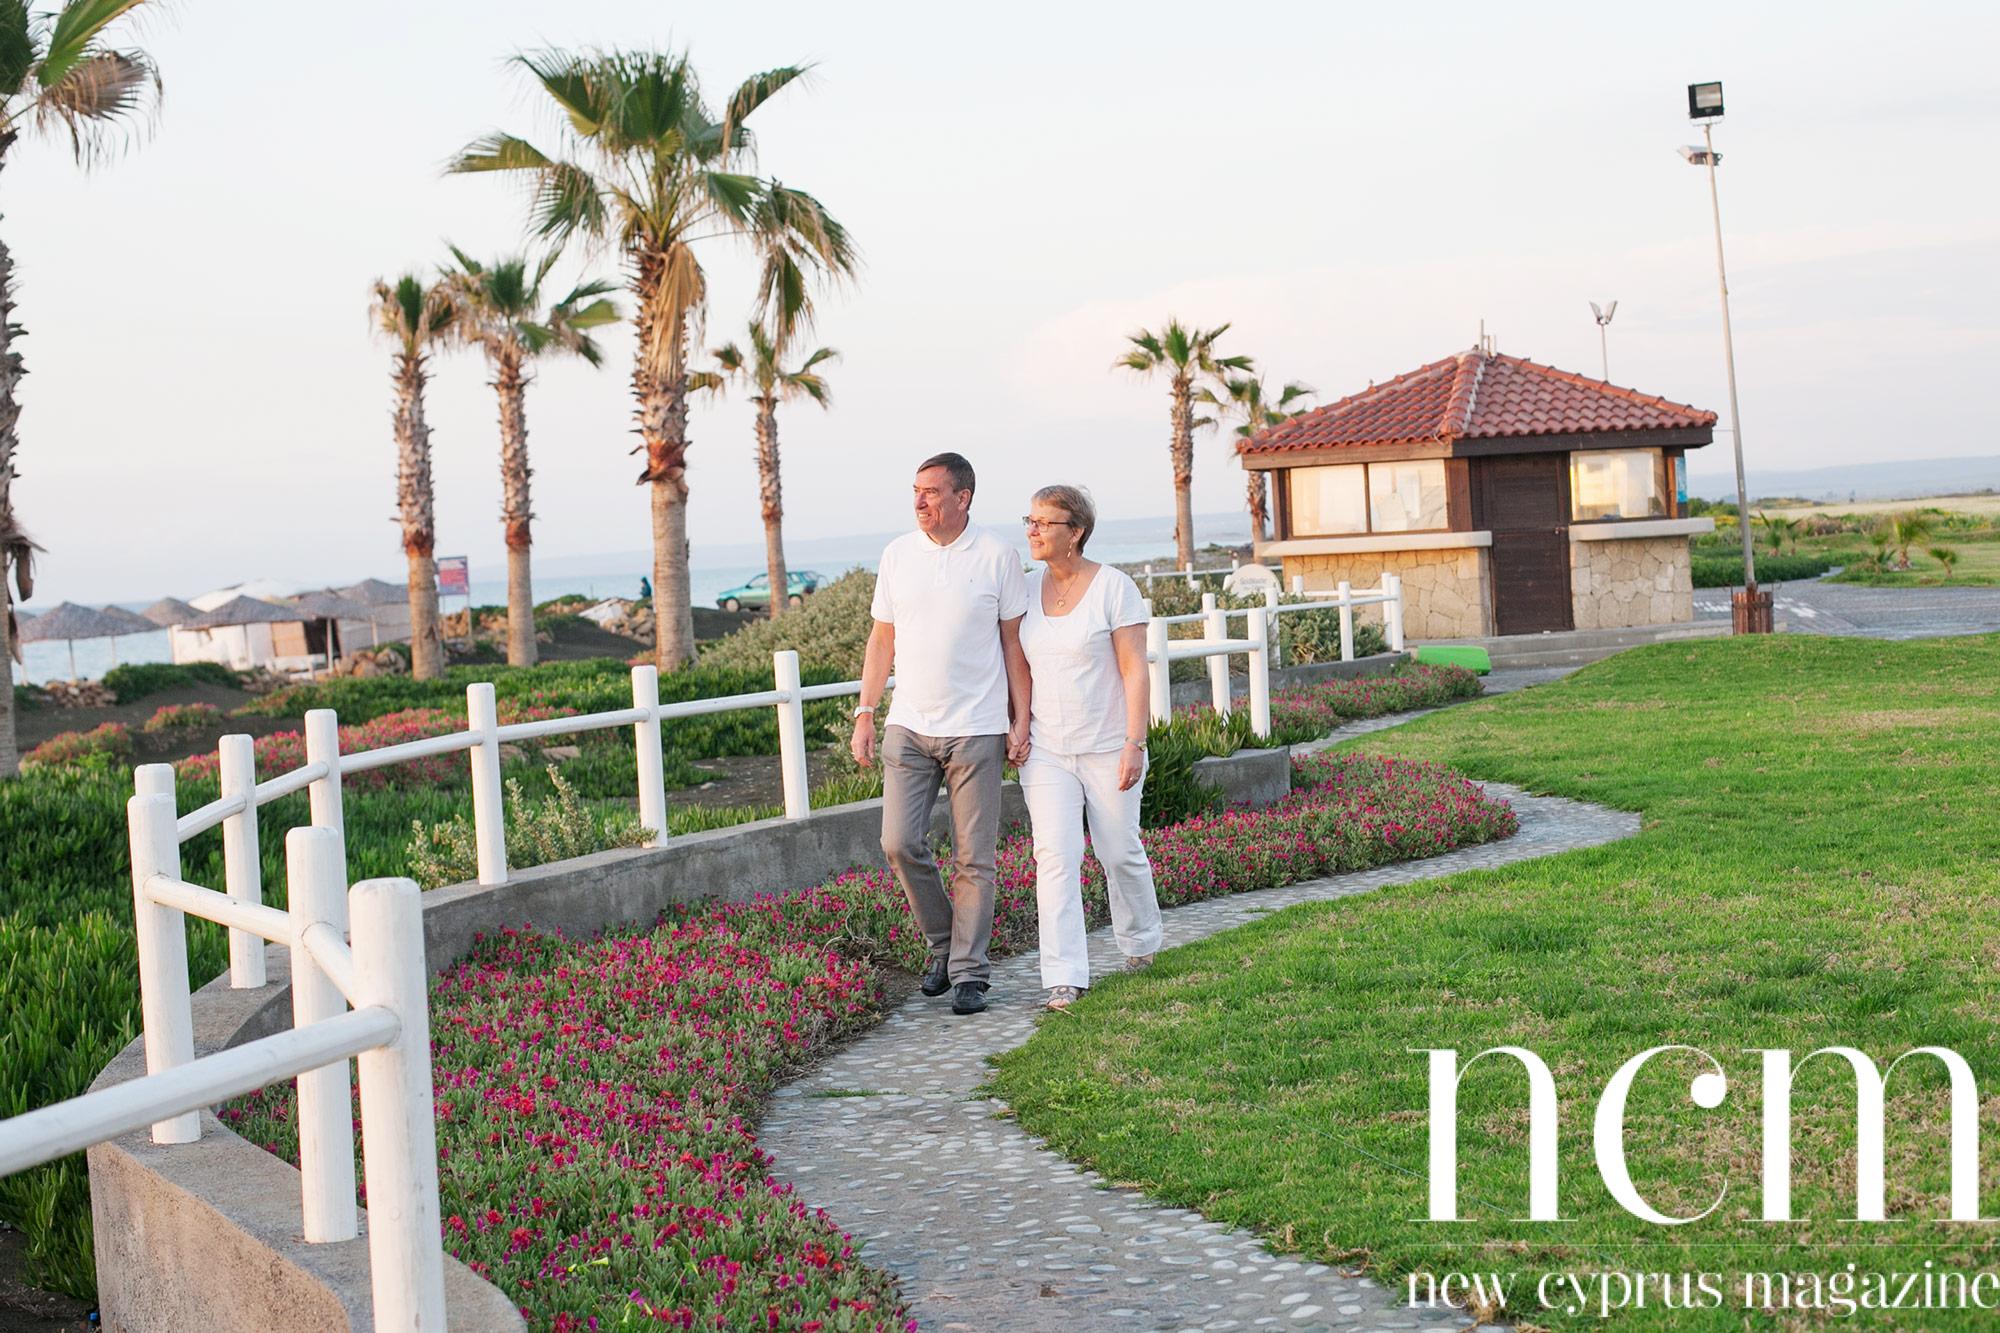 Güzelyurt north cyprus